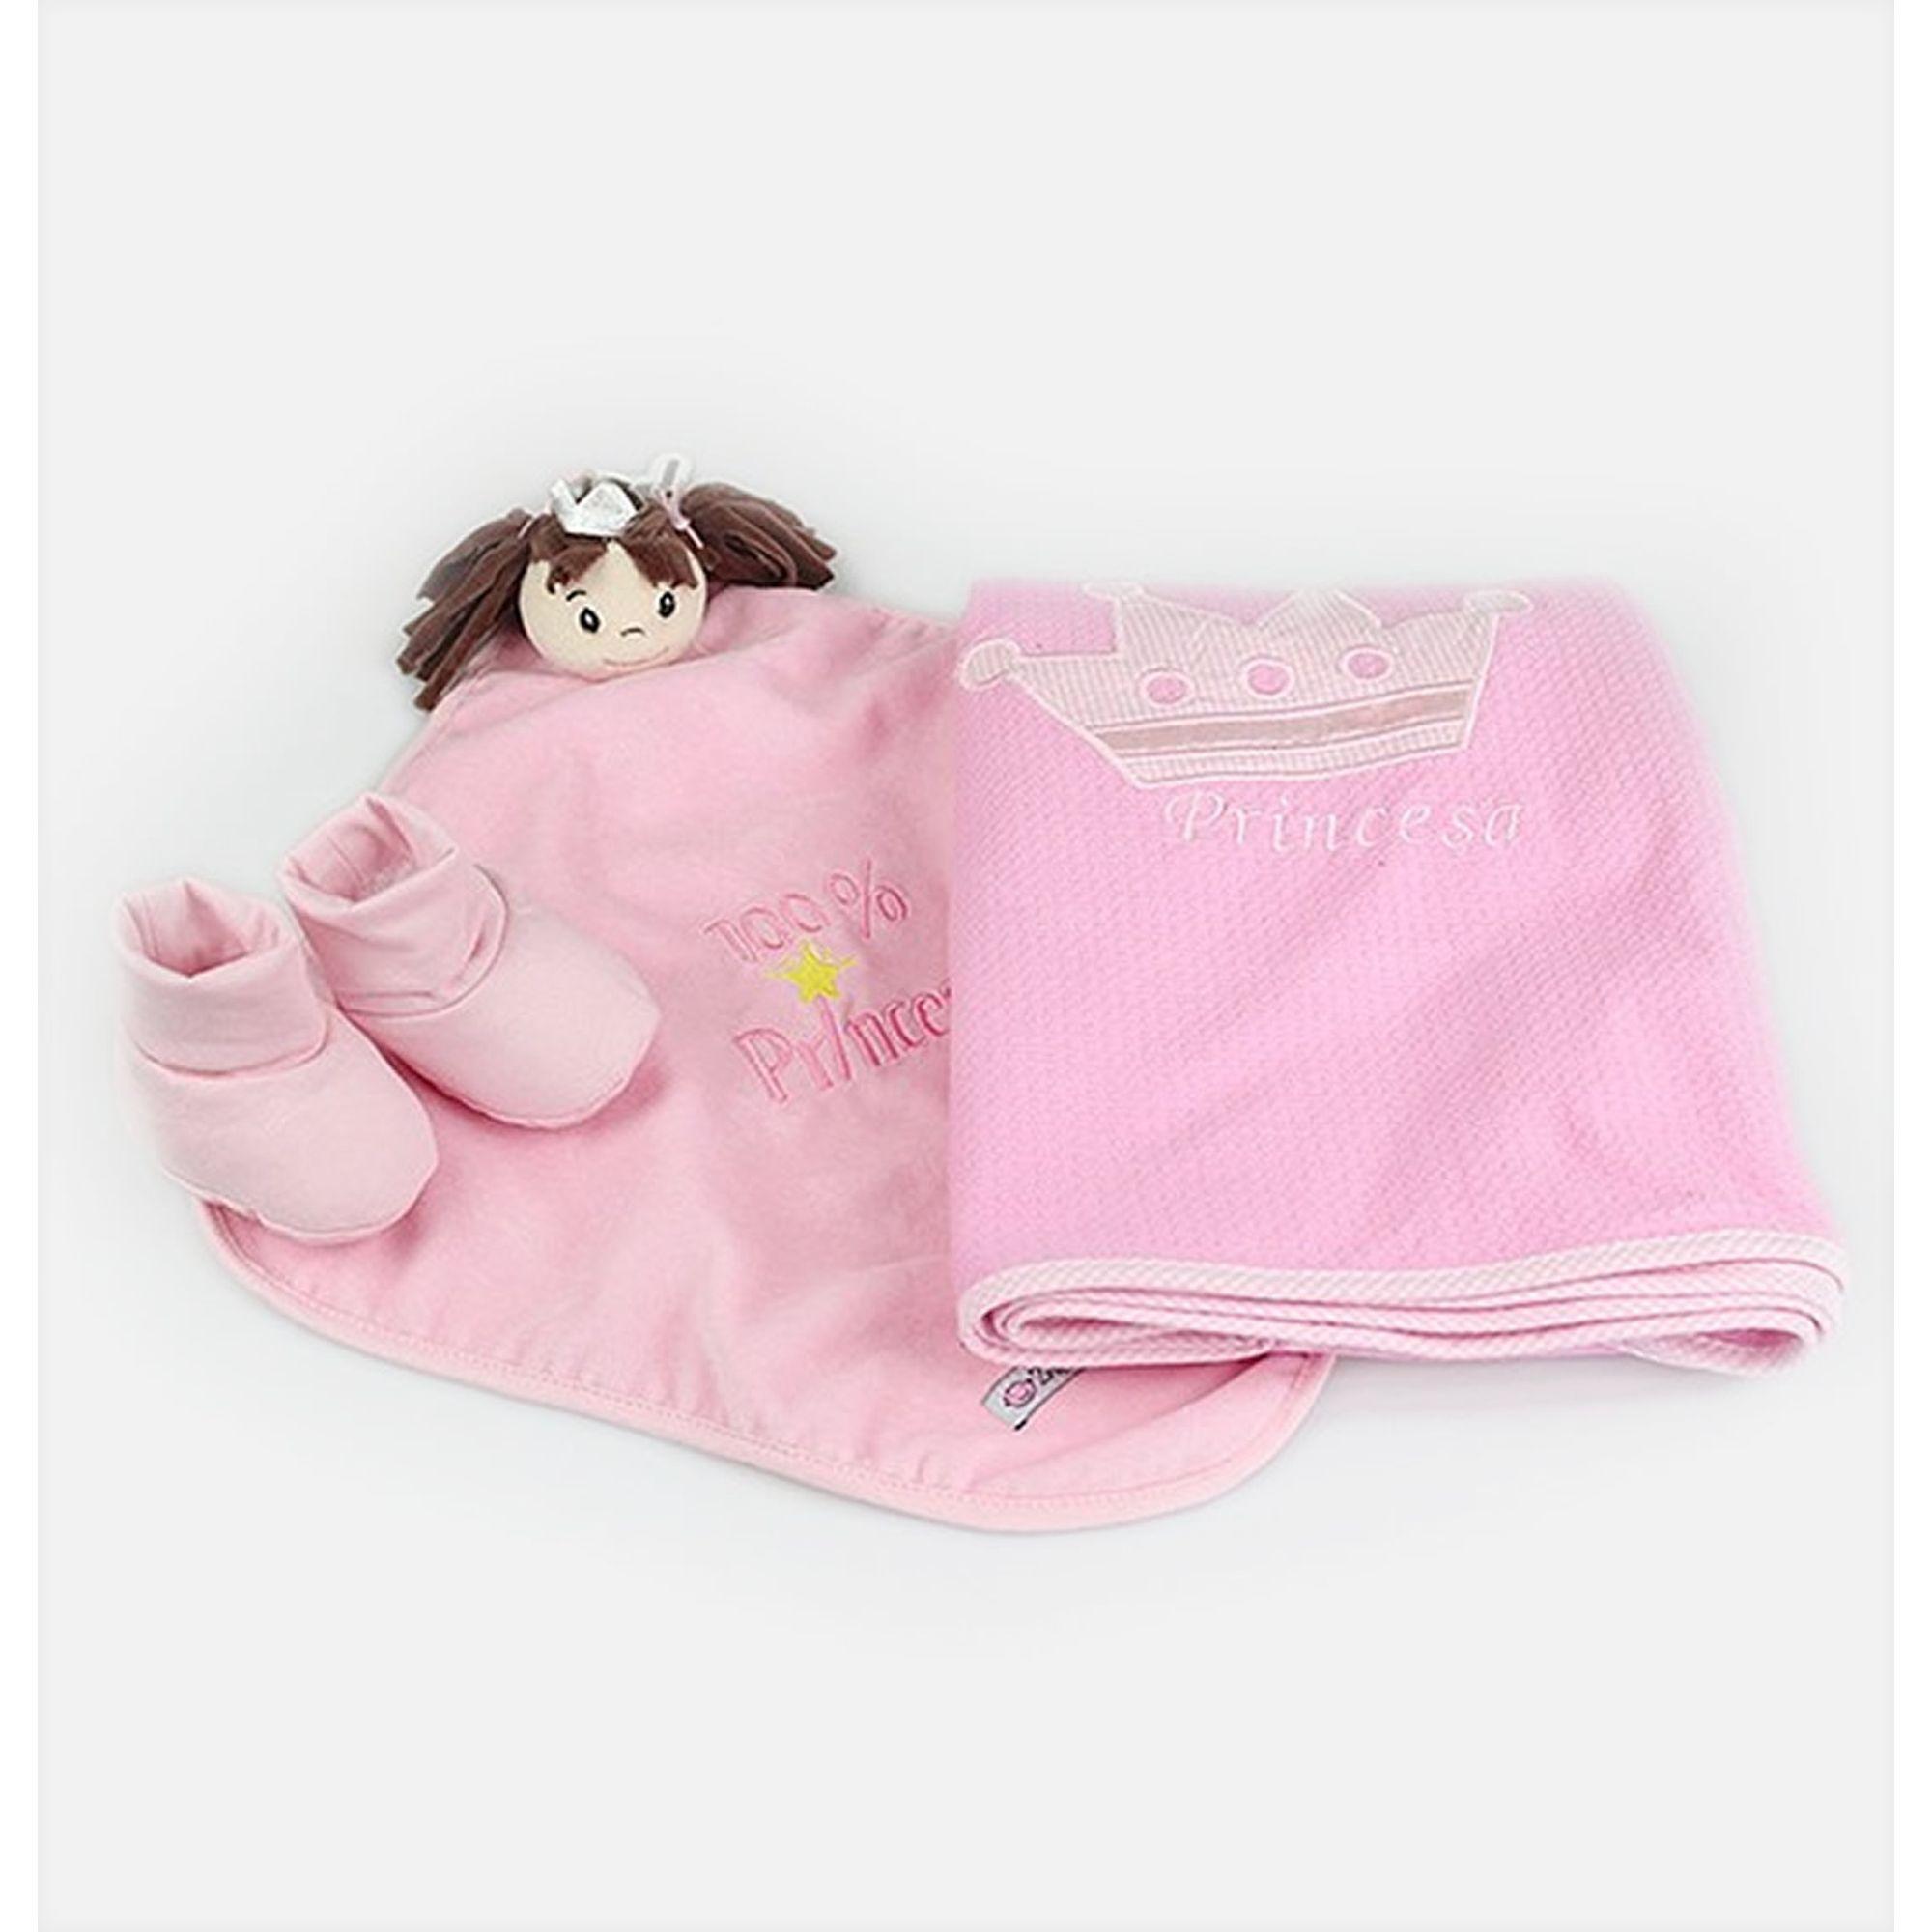 kit-presente-baby-princesa-sophia-rosa-rosa-zip-toys